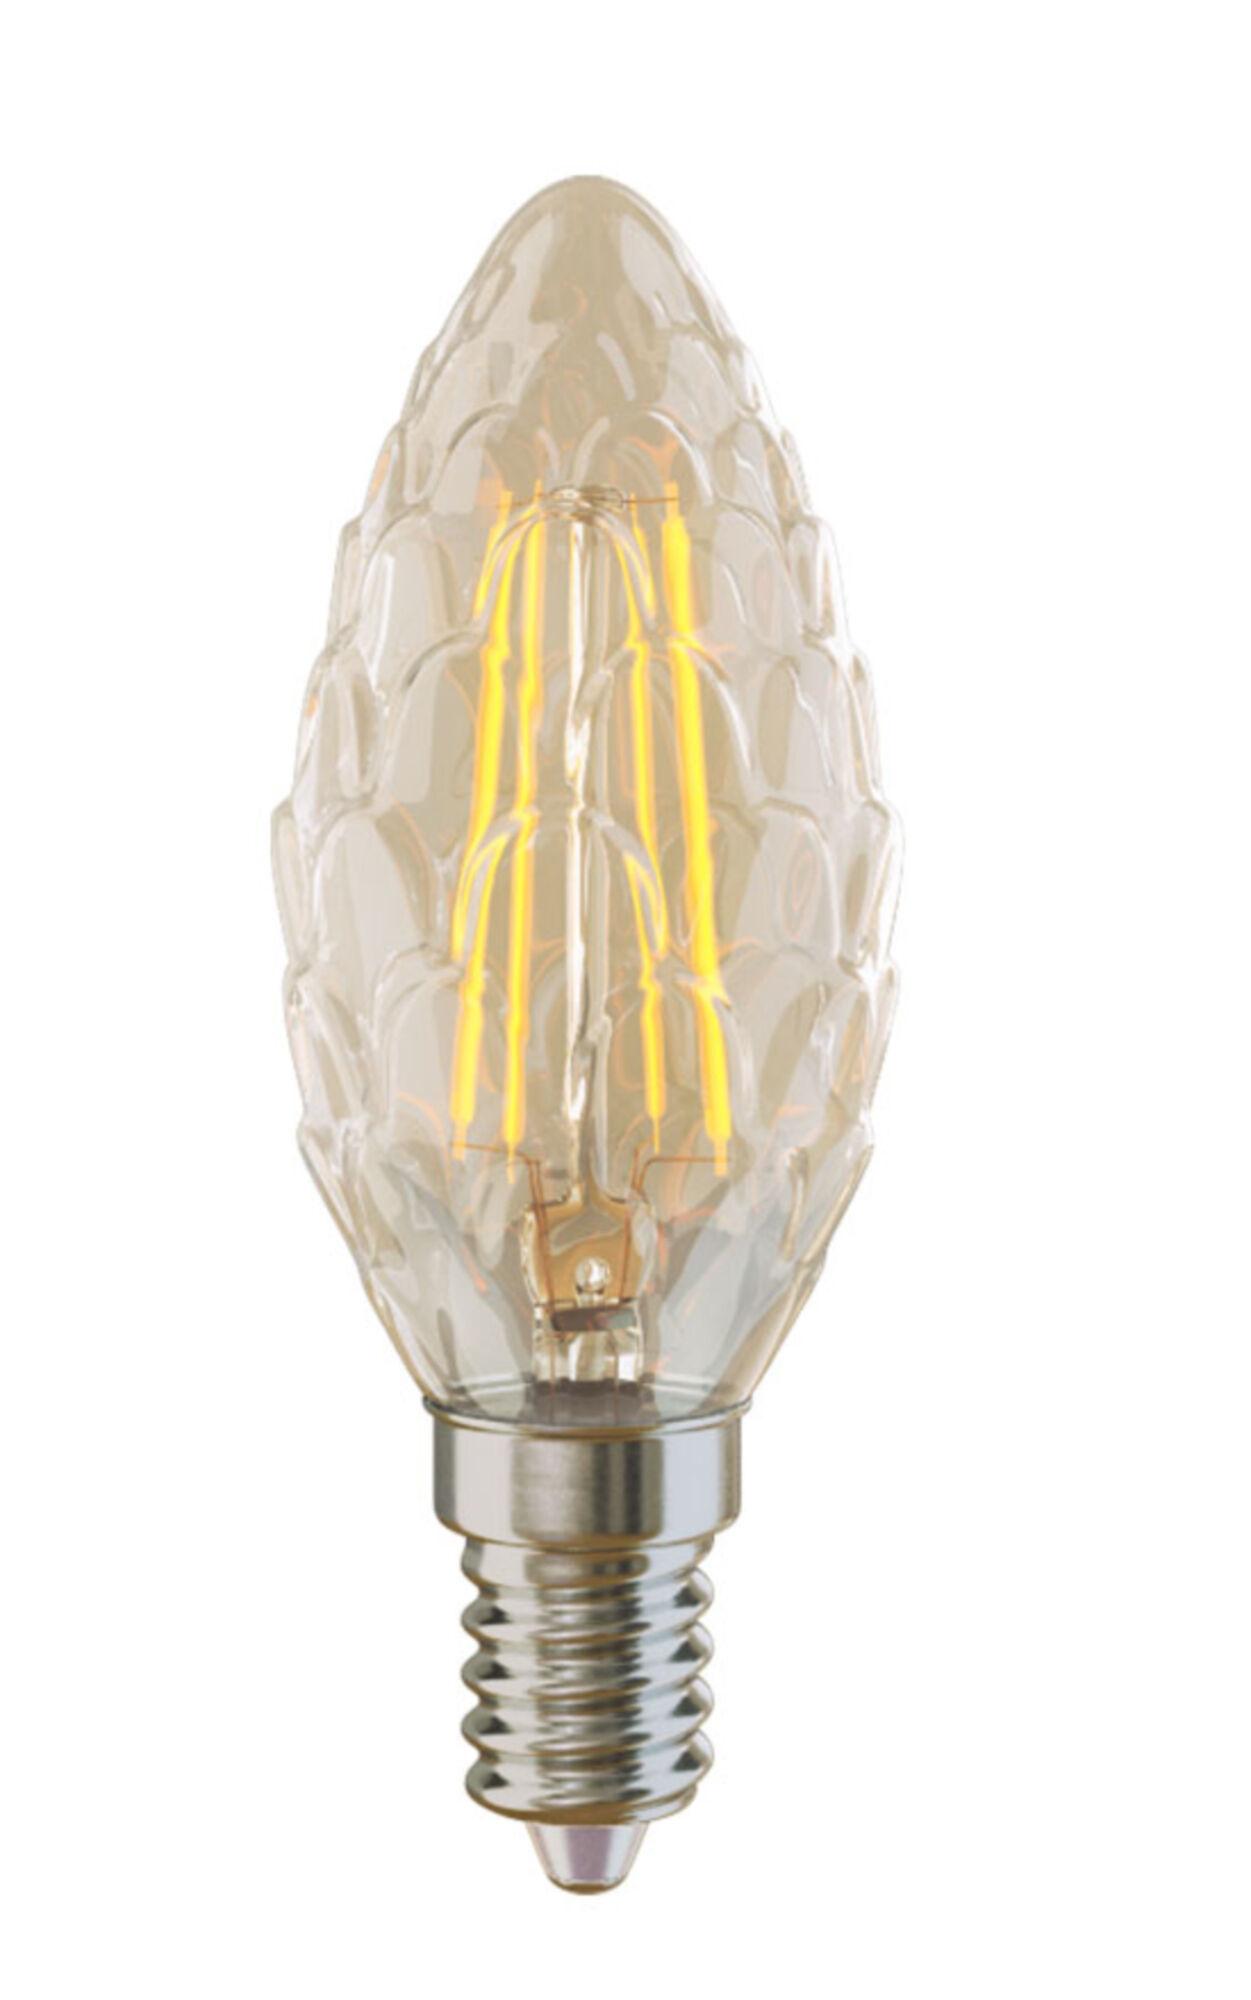 Филаментная светодиодная лампа Voltega Crystal 5487 свеча-шишка E14 4W, 4000K (дневной) 220V, гарантия 3 года - фото 1